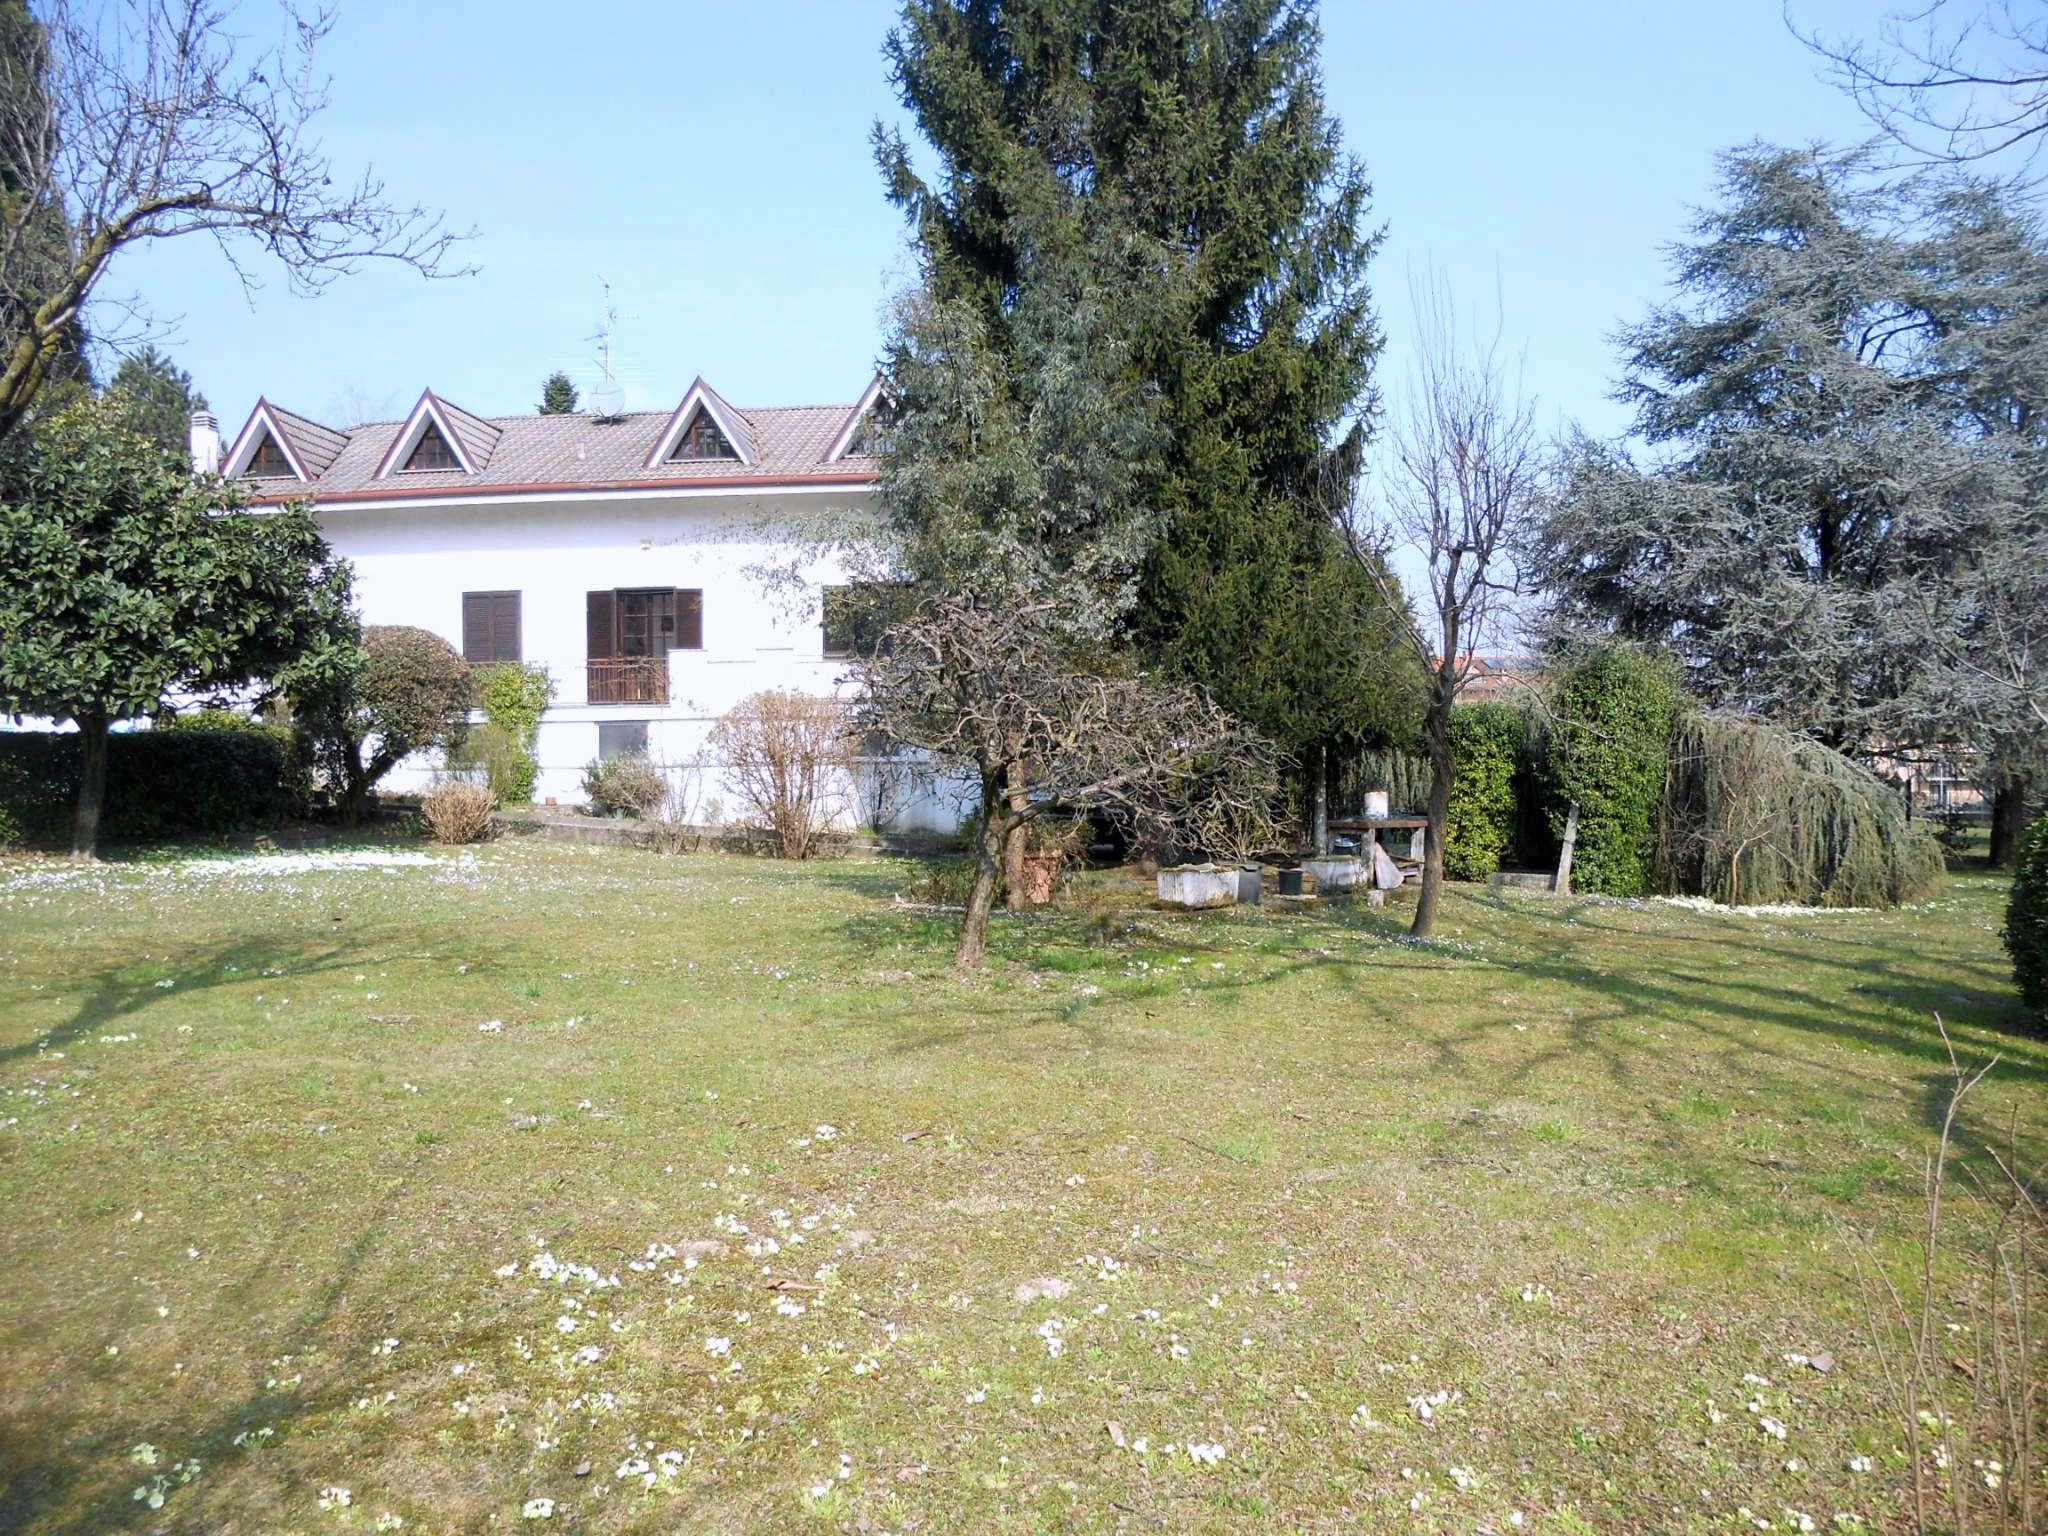 Villa in vendita a Lurago d'Erba, 6 locali, prezzo € 650.000   Cambio Casa.it